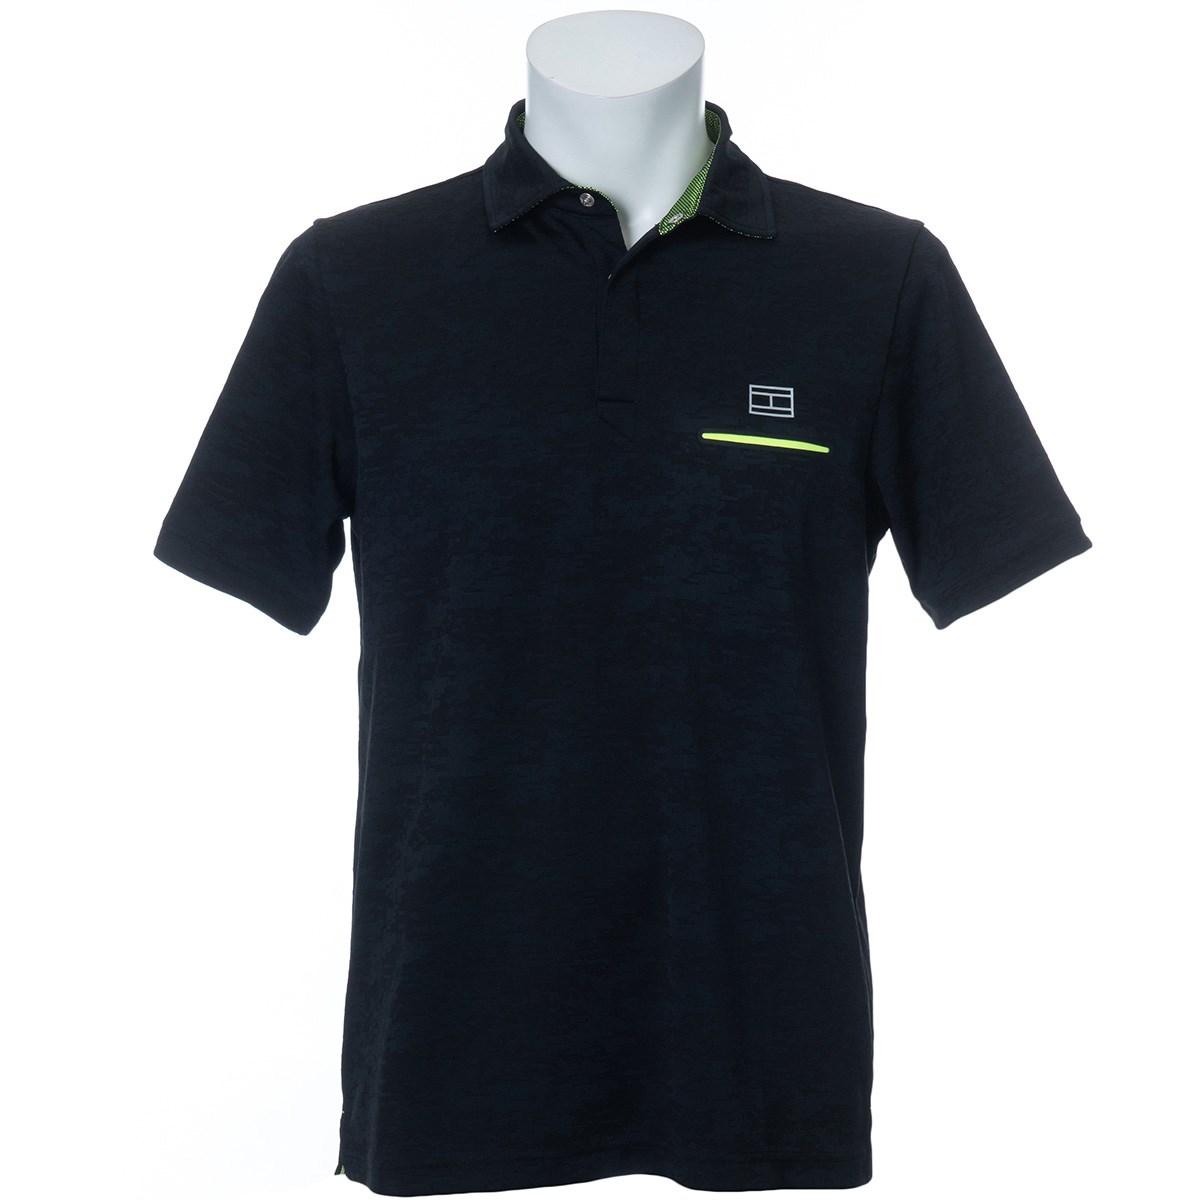 トミーヒルフィガー(Tommy Hilfiger) カモフラージュプリント 半袖ポロシャツ